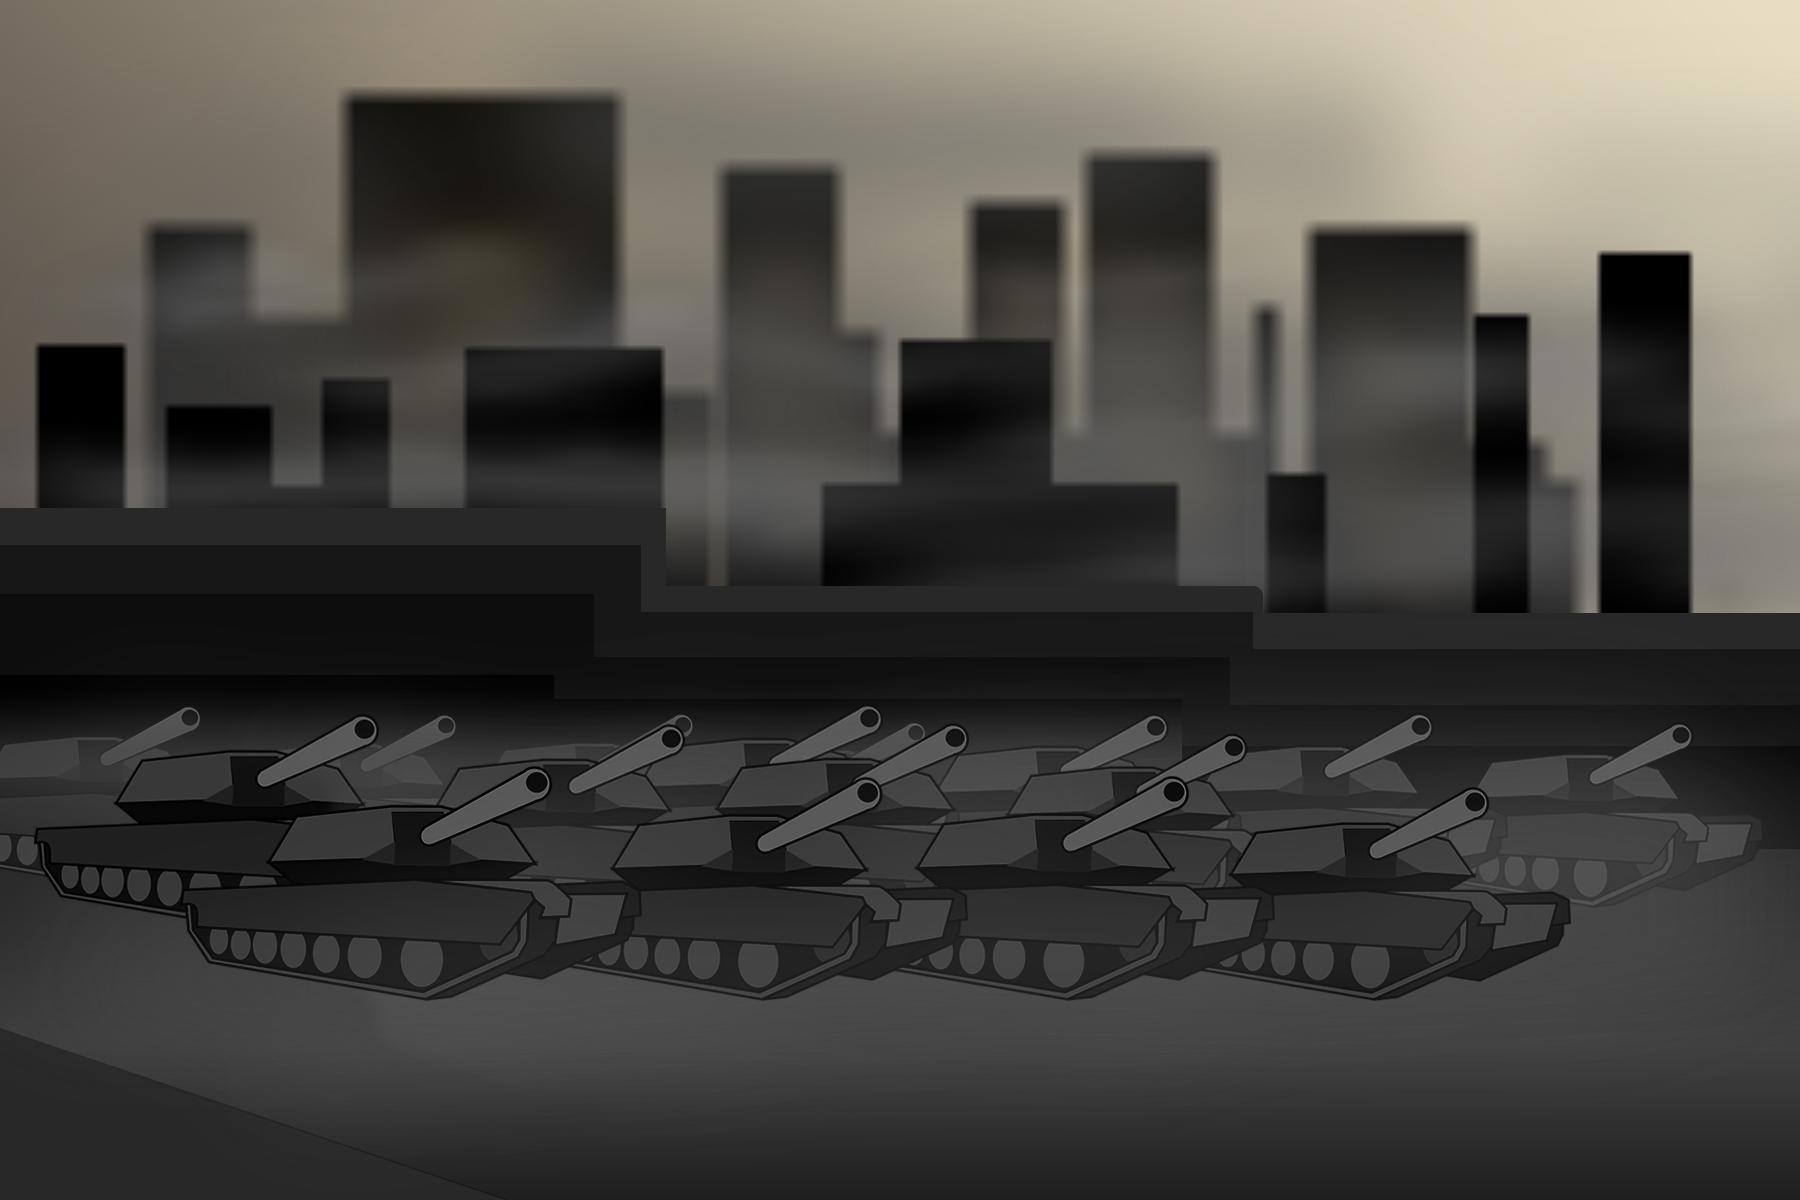 Concept art for Art of War